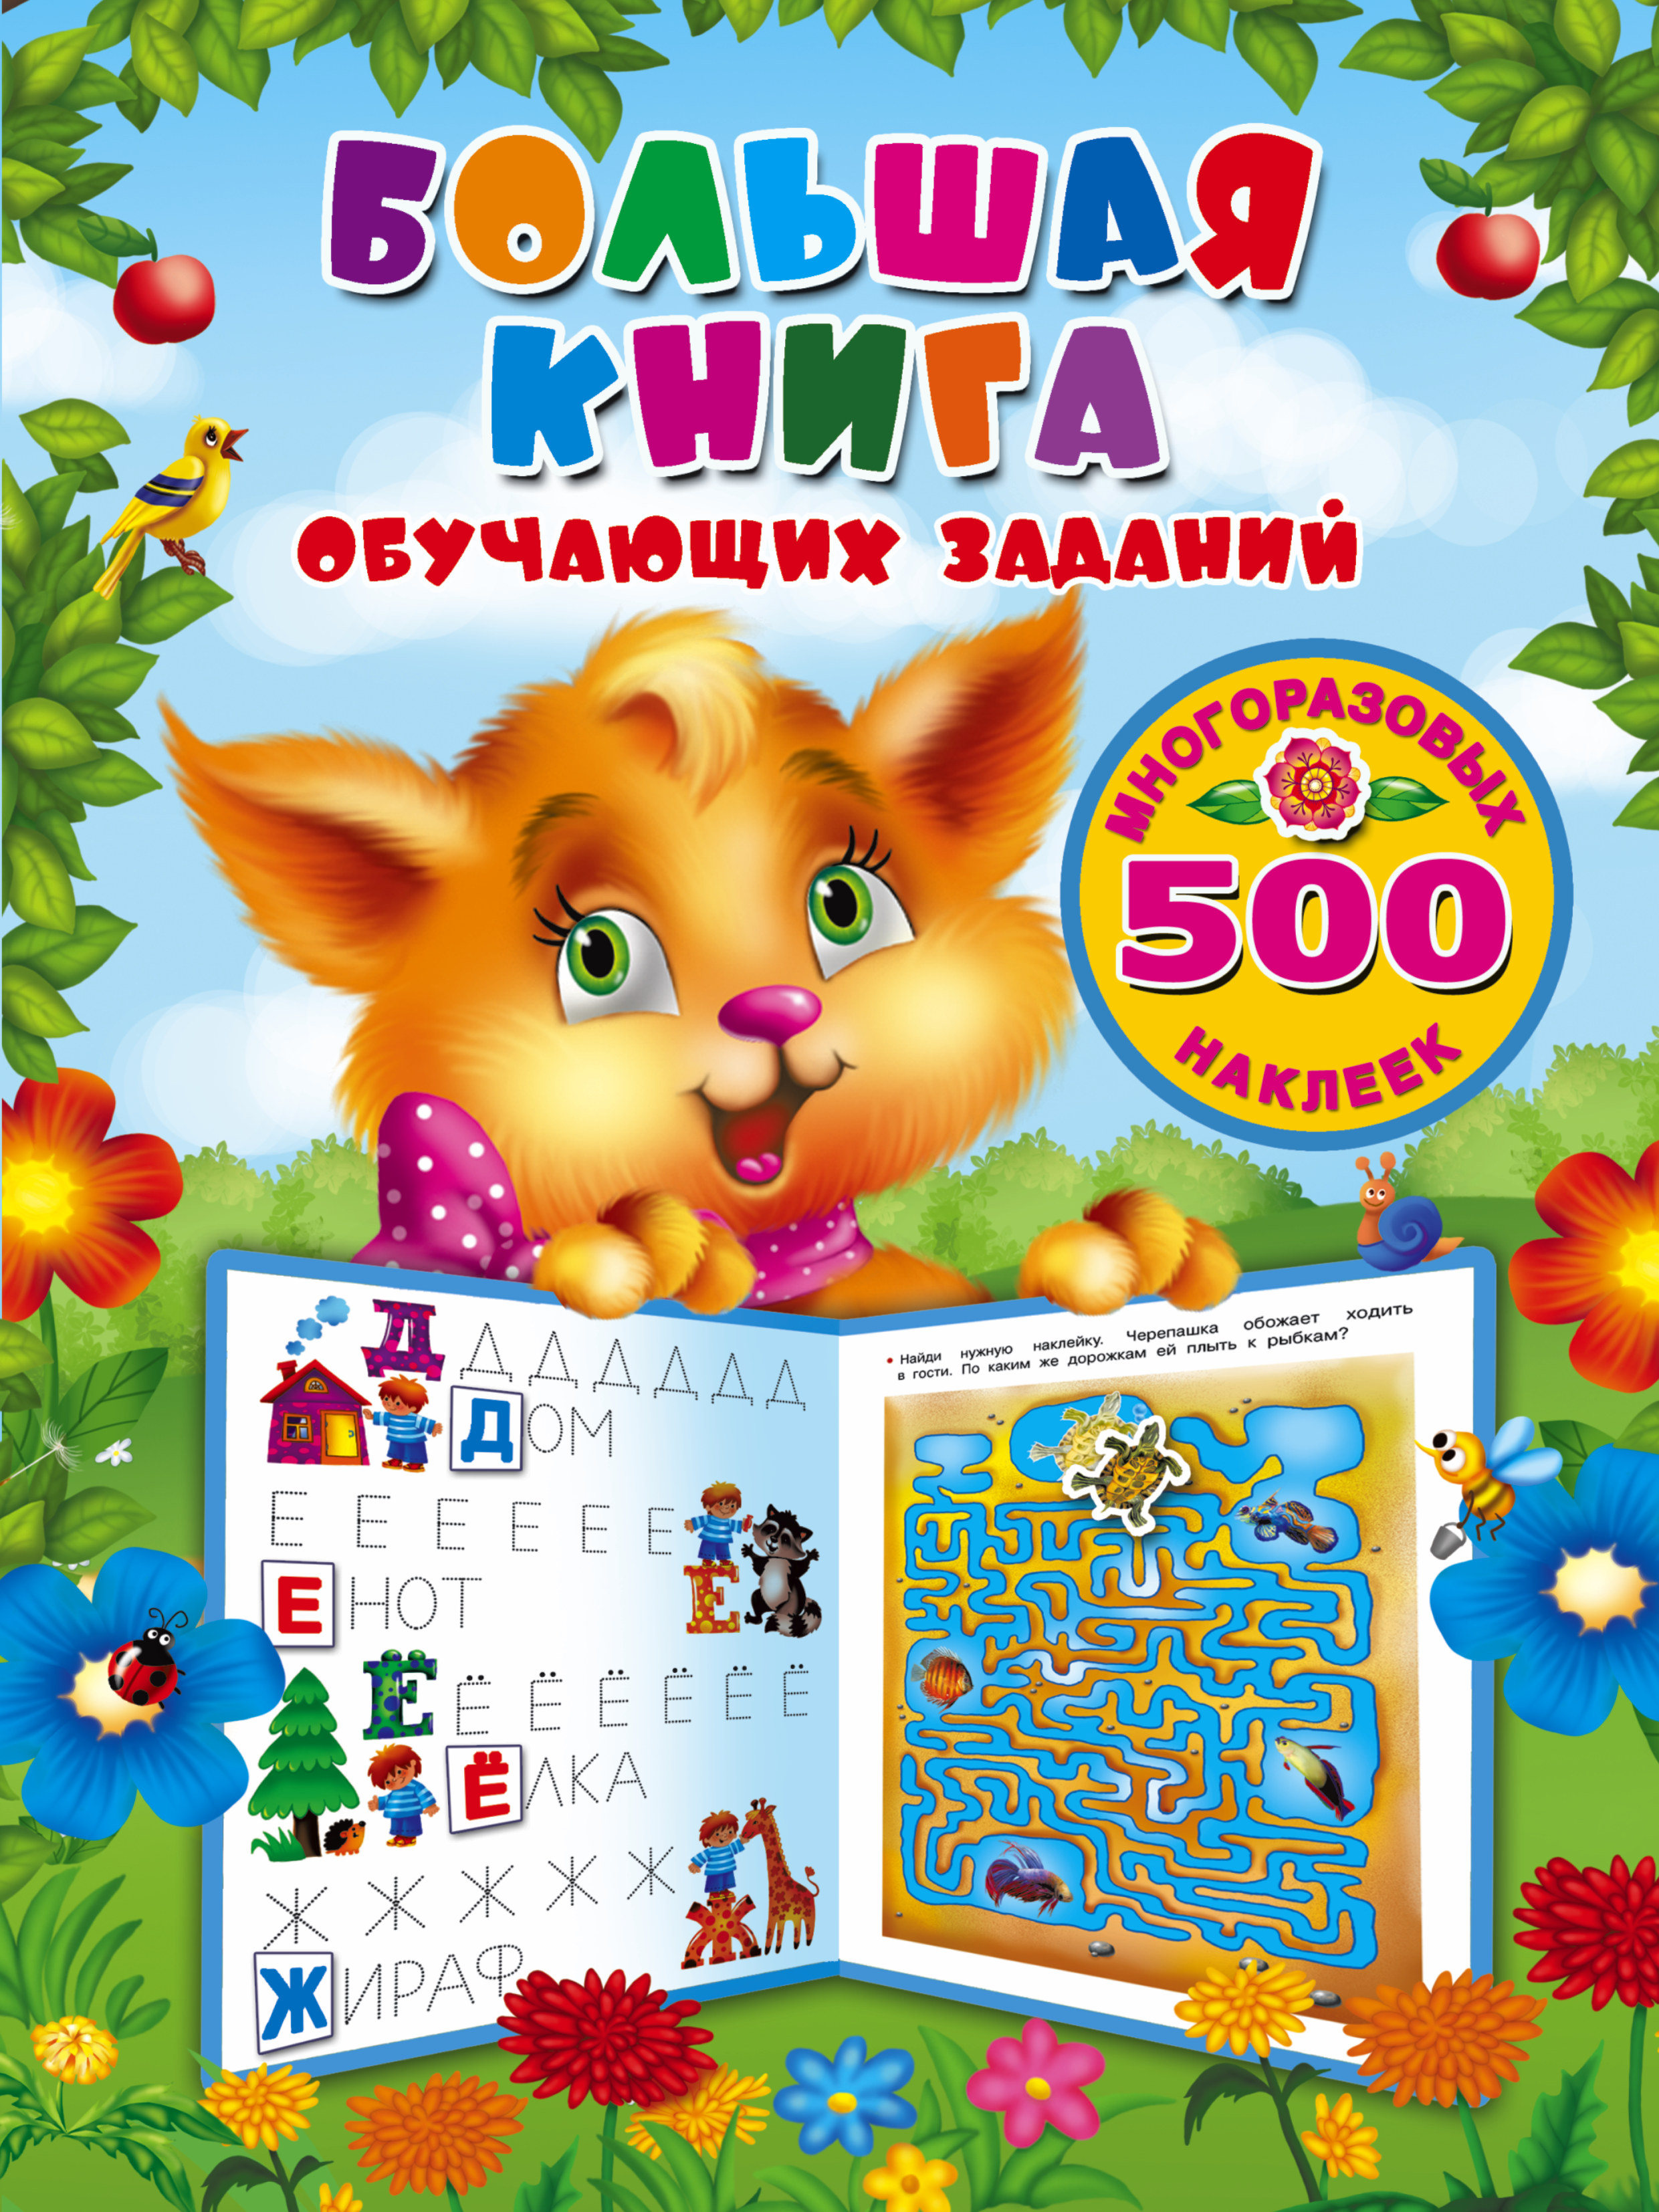 9785171015206 - Дмитриева В.Г.: Большая книга обучающих заданий с многоразовыми наклейками - Книга